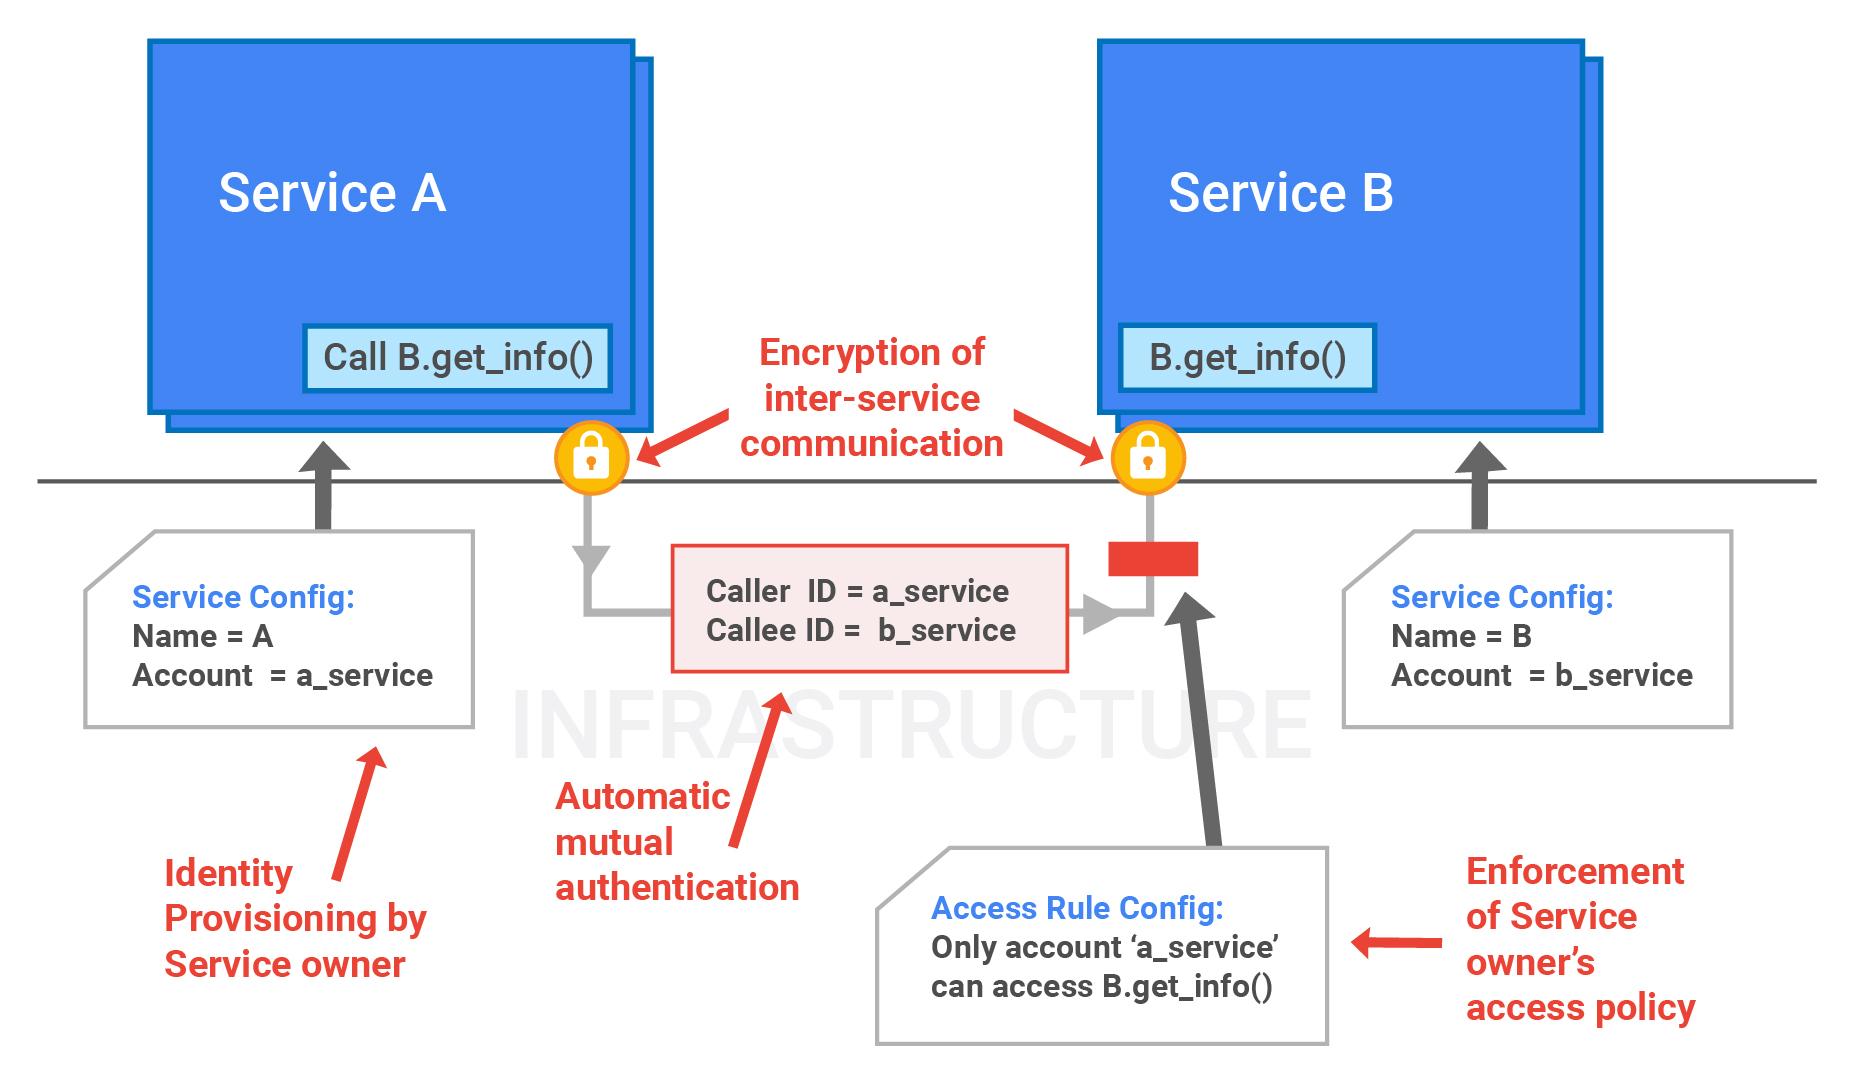 Les services interagissent dans le processus d'identité et d'authentification.